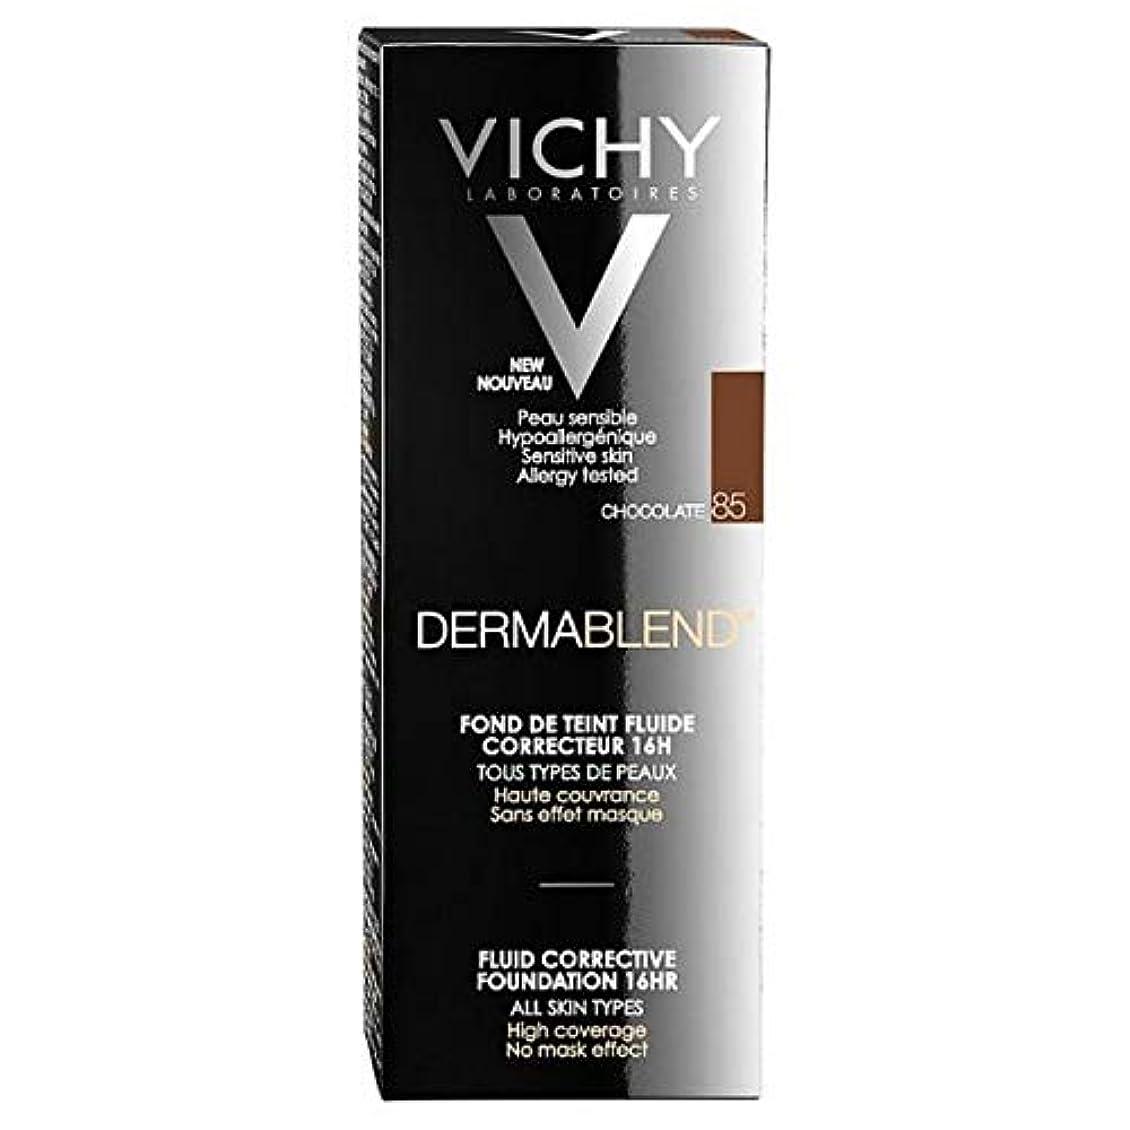 ヒロイン時制順応性[Vichy ] ヴィシーDermablend流体是正基盤85 30ミリリットル - Vichy Dermablend Fluid Corrective Foundation 85 30ml [並行輸入品]